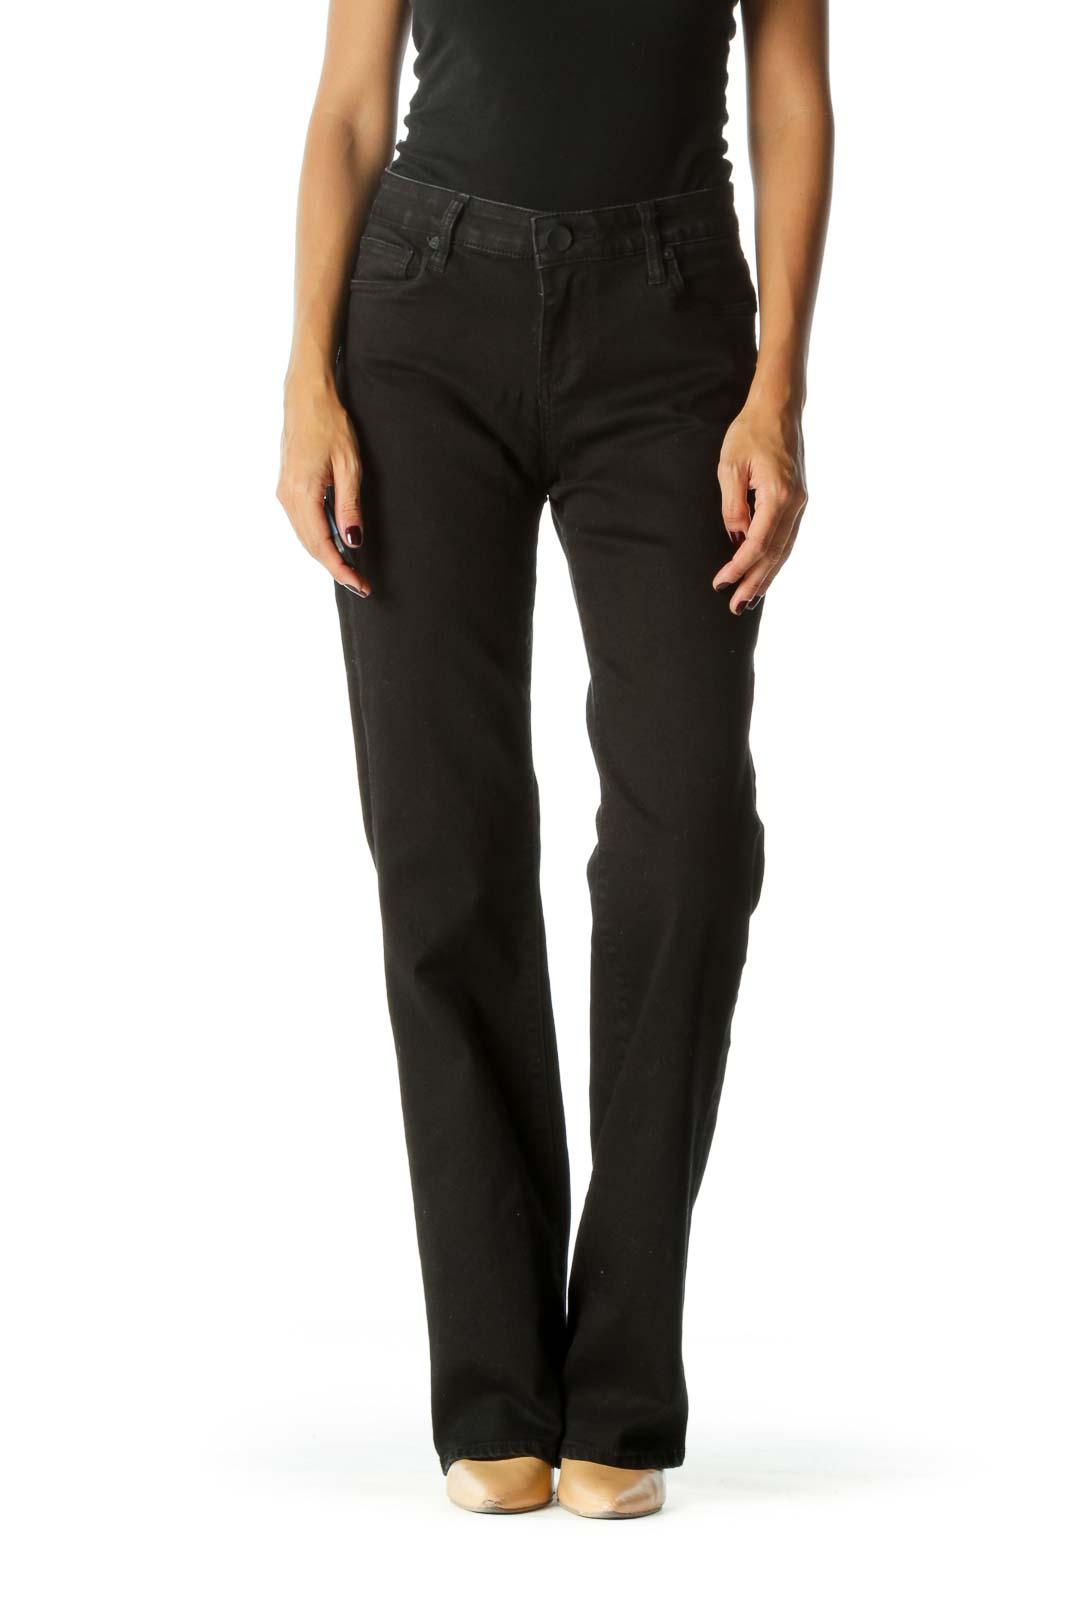 Black Low-Rise Boot-cut Denim Jeans Front